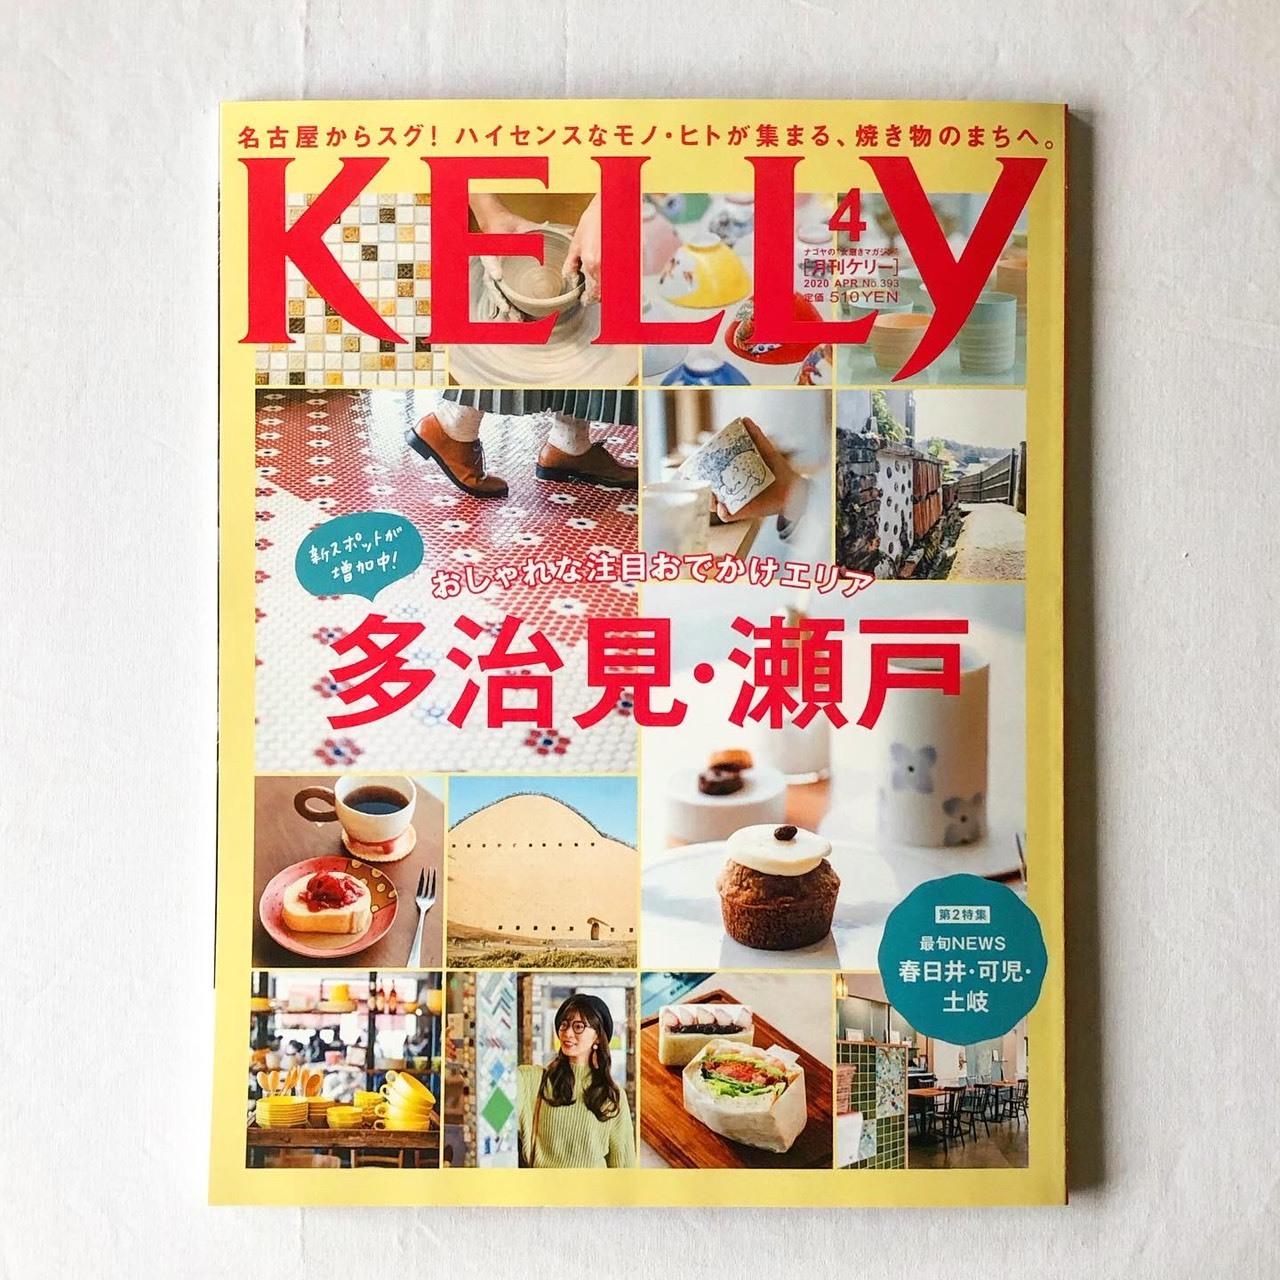 雑誌『KELLY』に掲載されました!_f0220354_11352758.jpeg